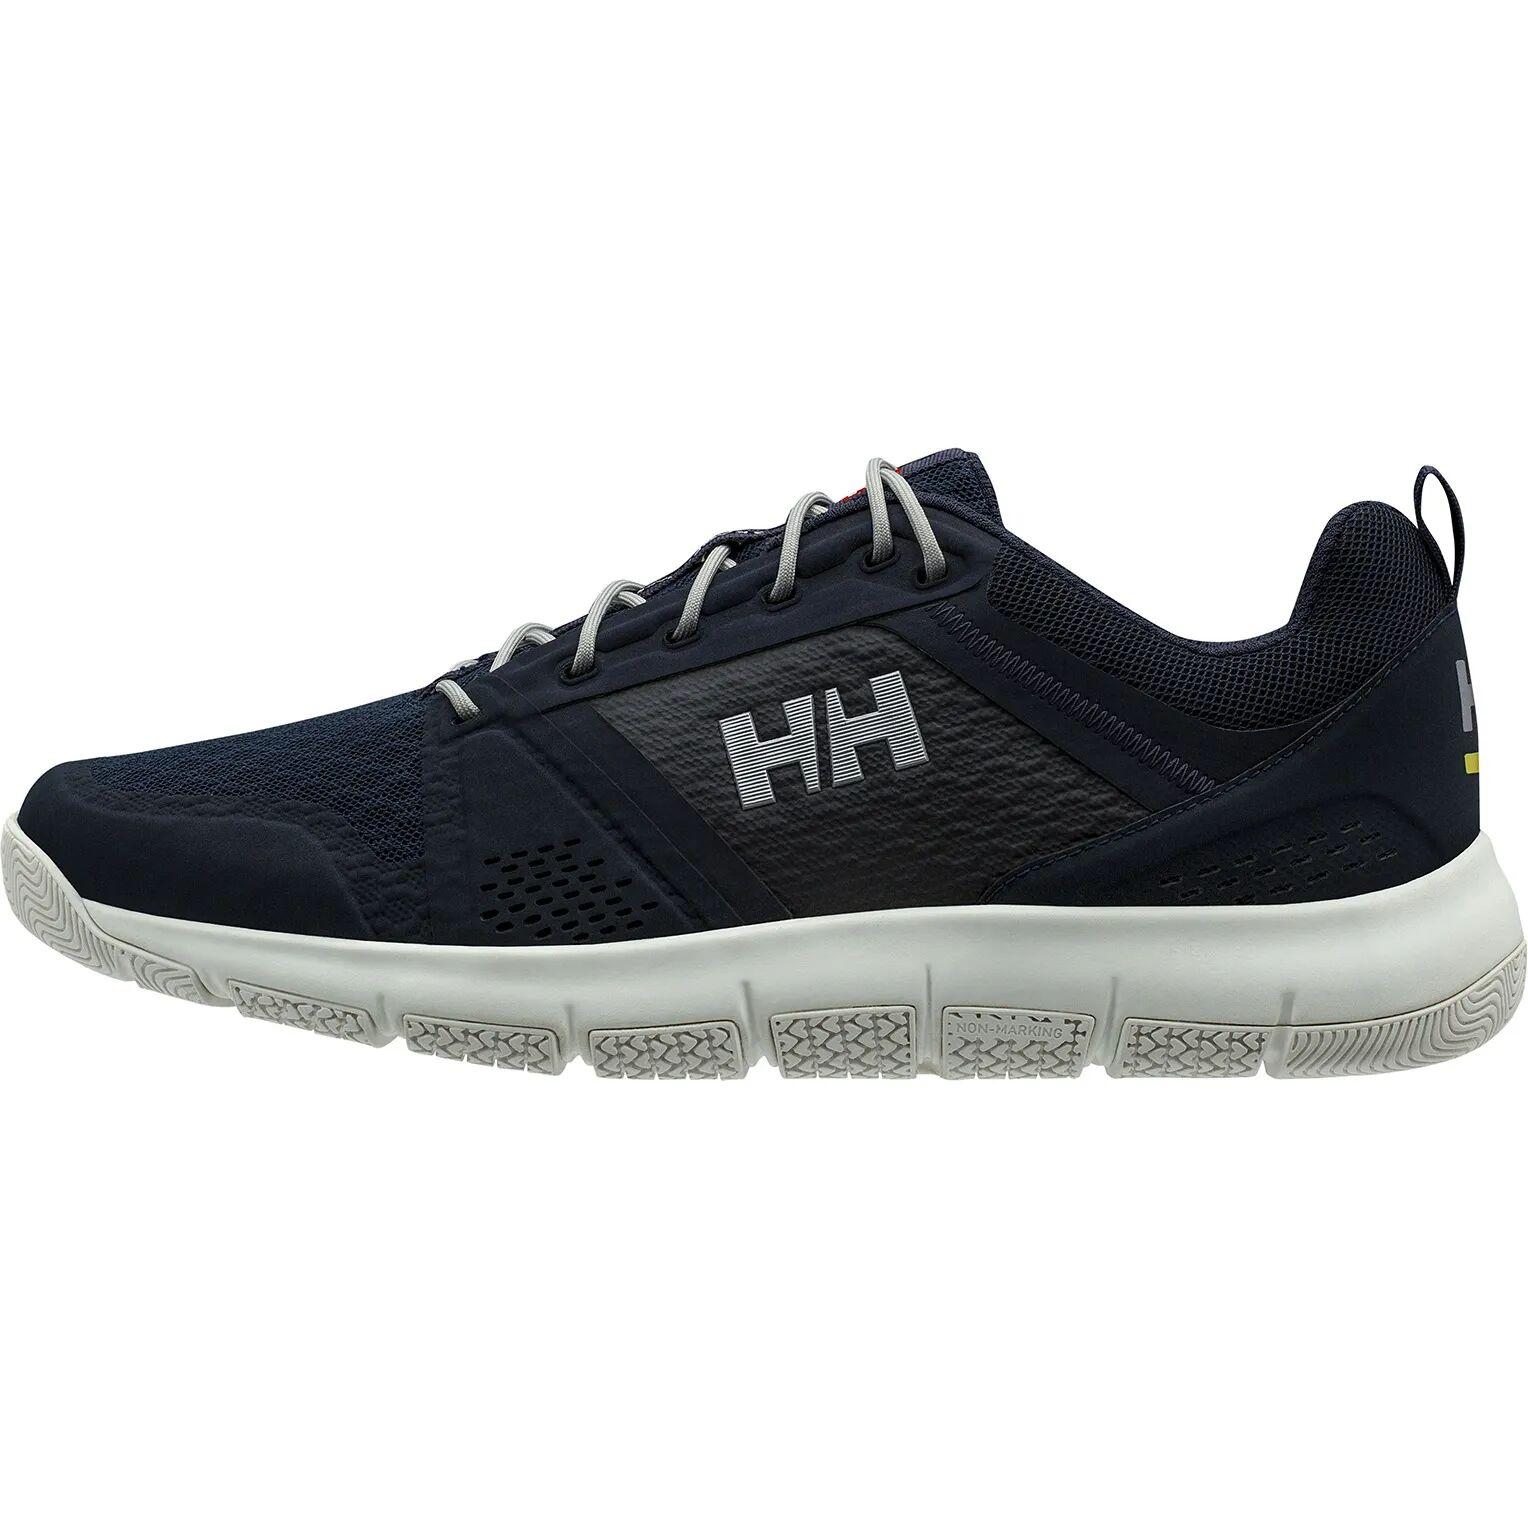 Helly Hansen Skagen F1 Offshore Sailing Shoe Navy 46.5/12